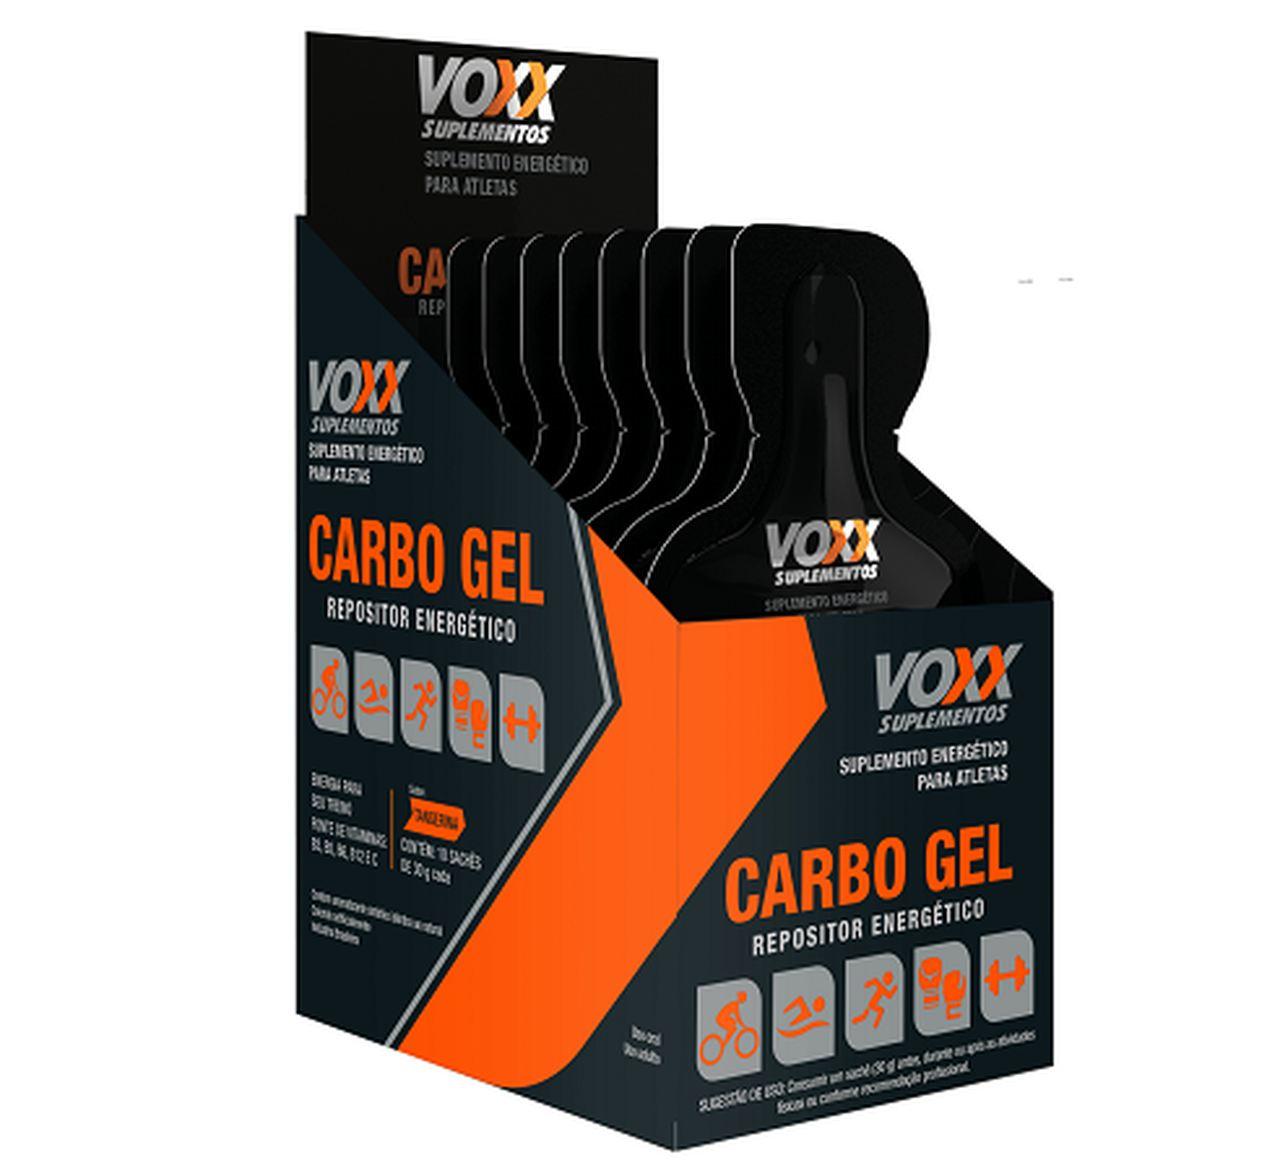 Imagem da embalagem de Voxx Carbo Gel